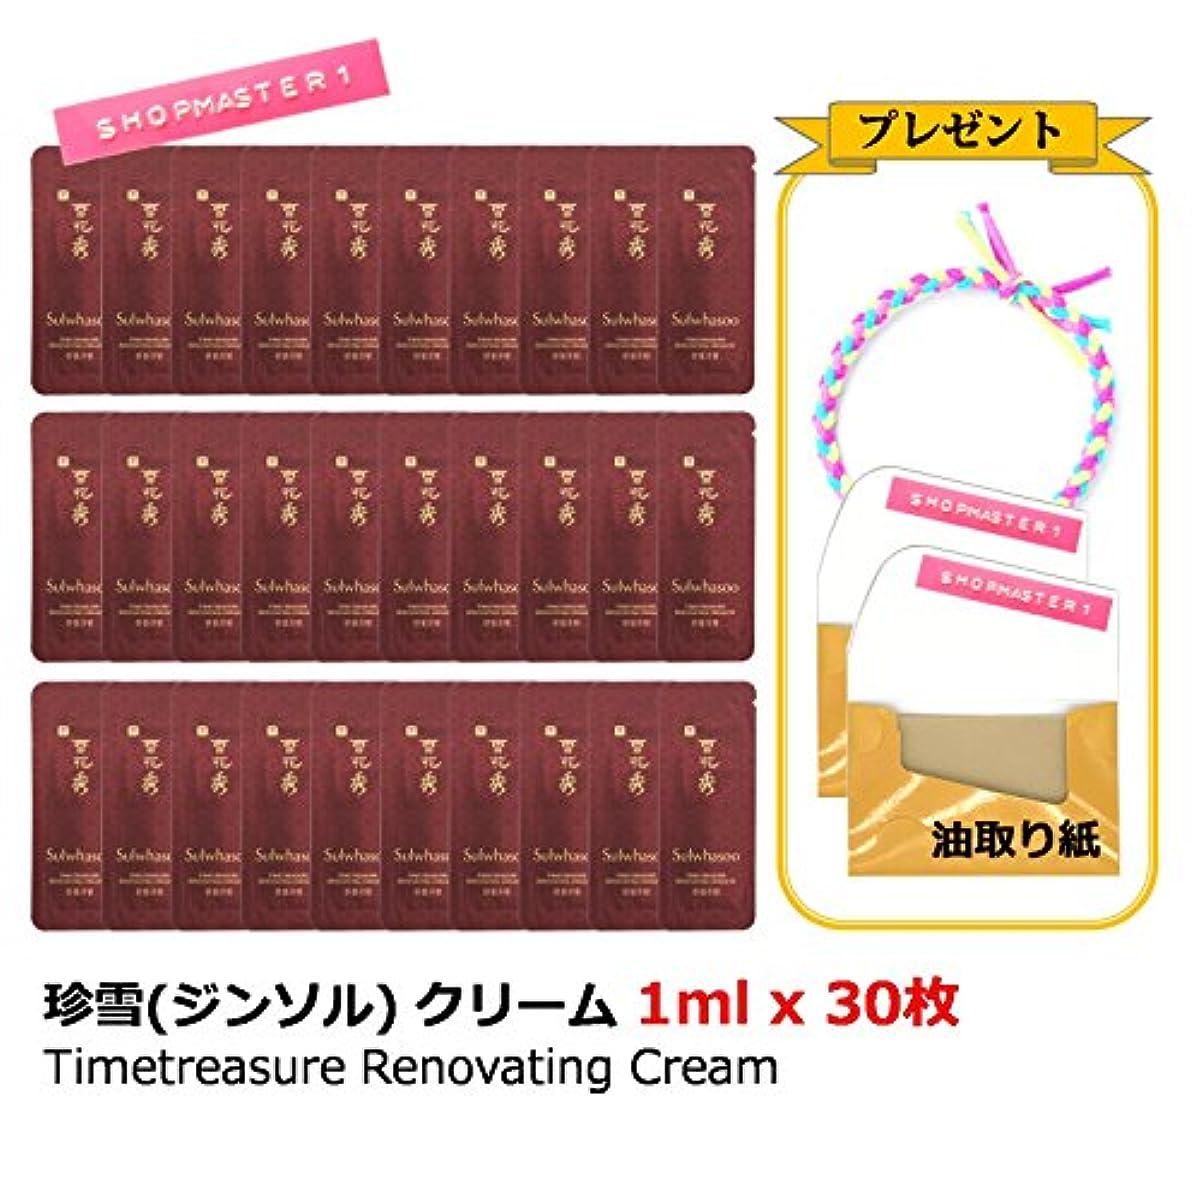 厳密に襲撃ミッション【Sulwhasoo ソルファス】珍雪(ジンソル) クリーム 1ml x 30枚 Timetreasure Renovating Cream/プレゼント 油取り紙 2個(30枚ずつ)、ヘアタイ/海外直配送